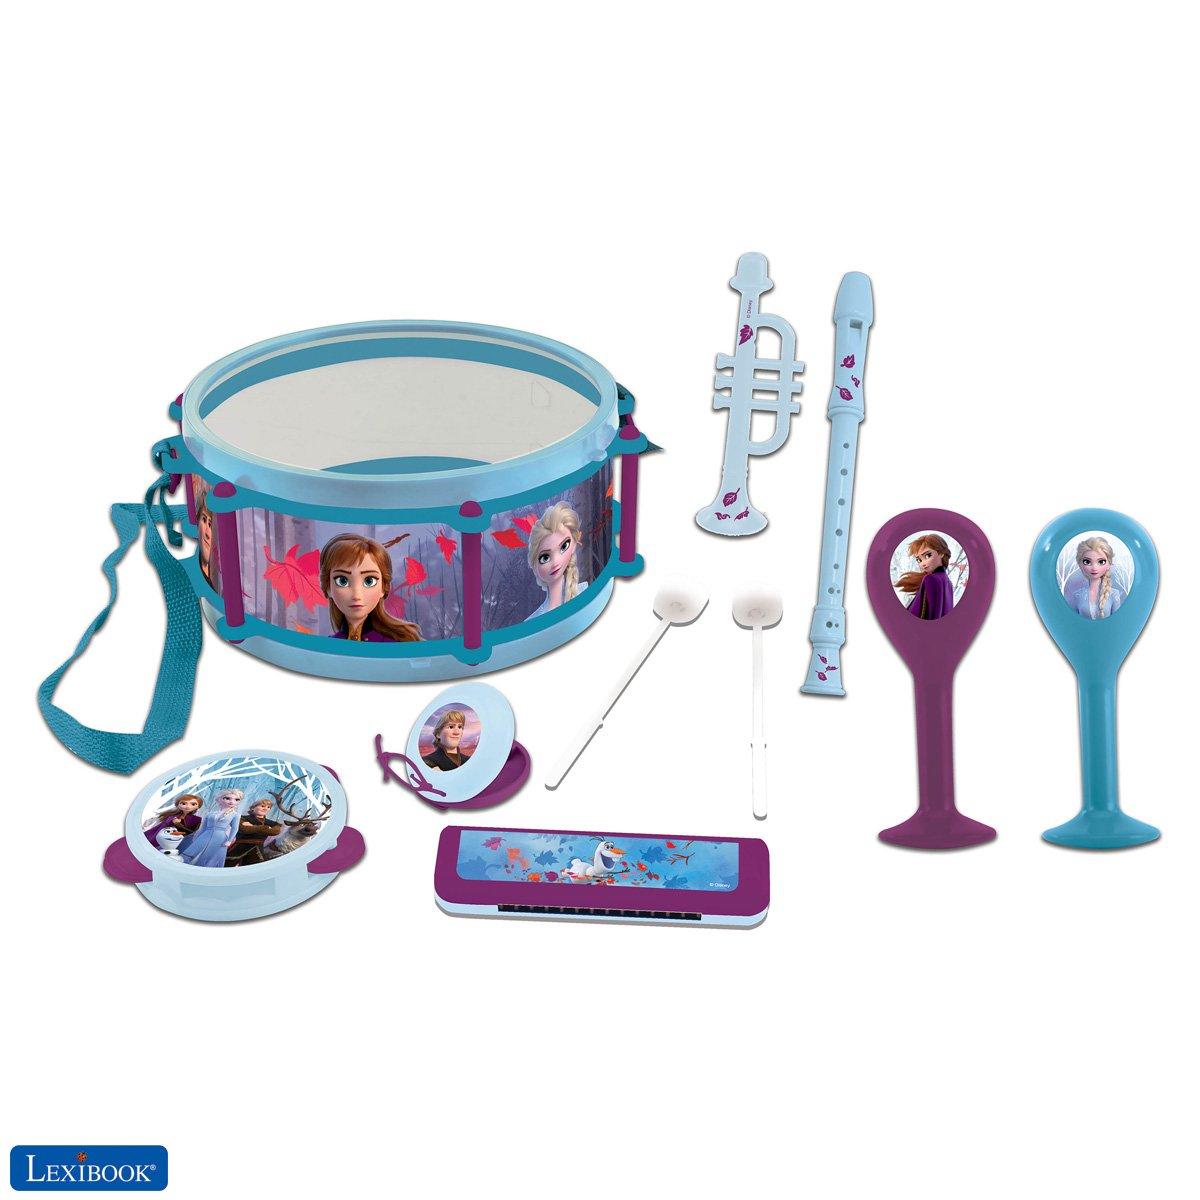 Lexibook - Disney Frozen Musical Set 7pcs (K360FZ)